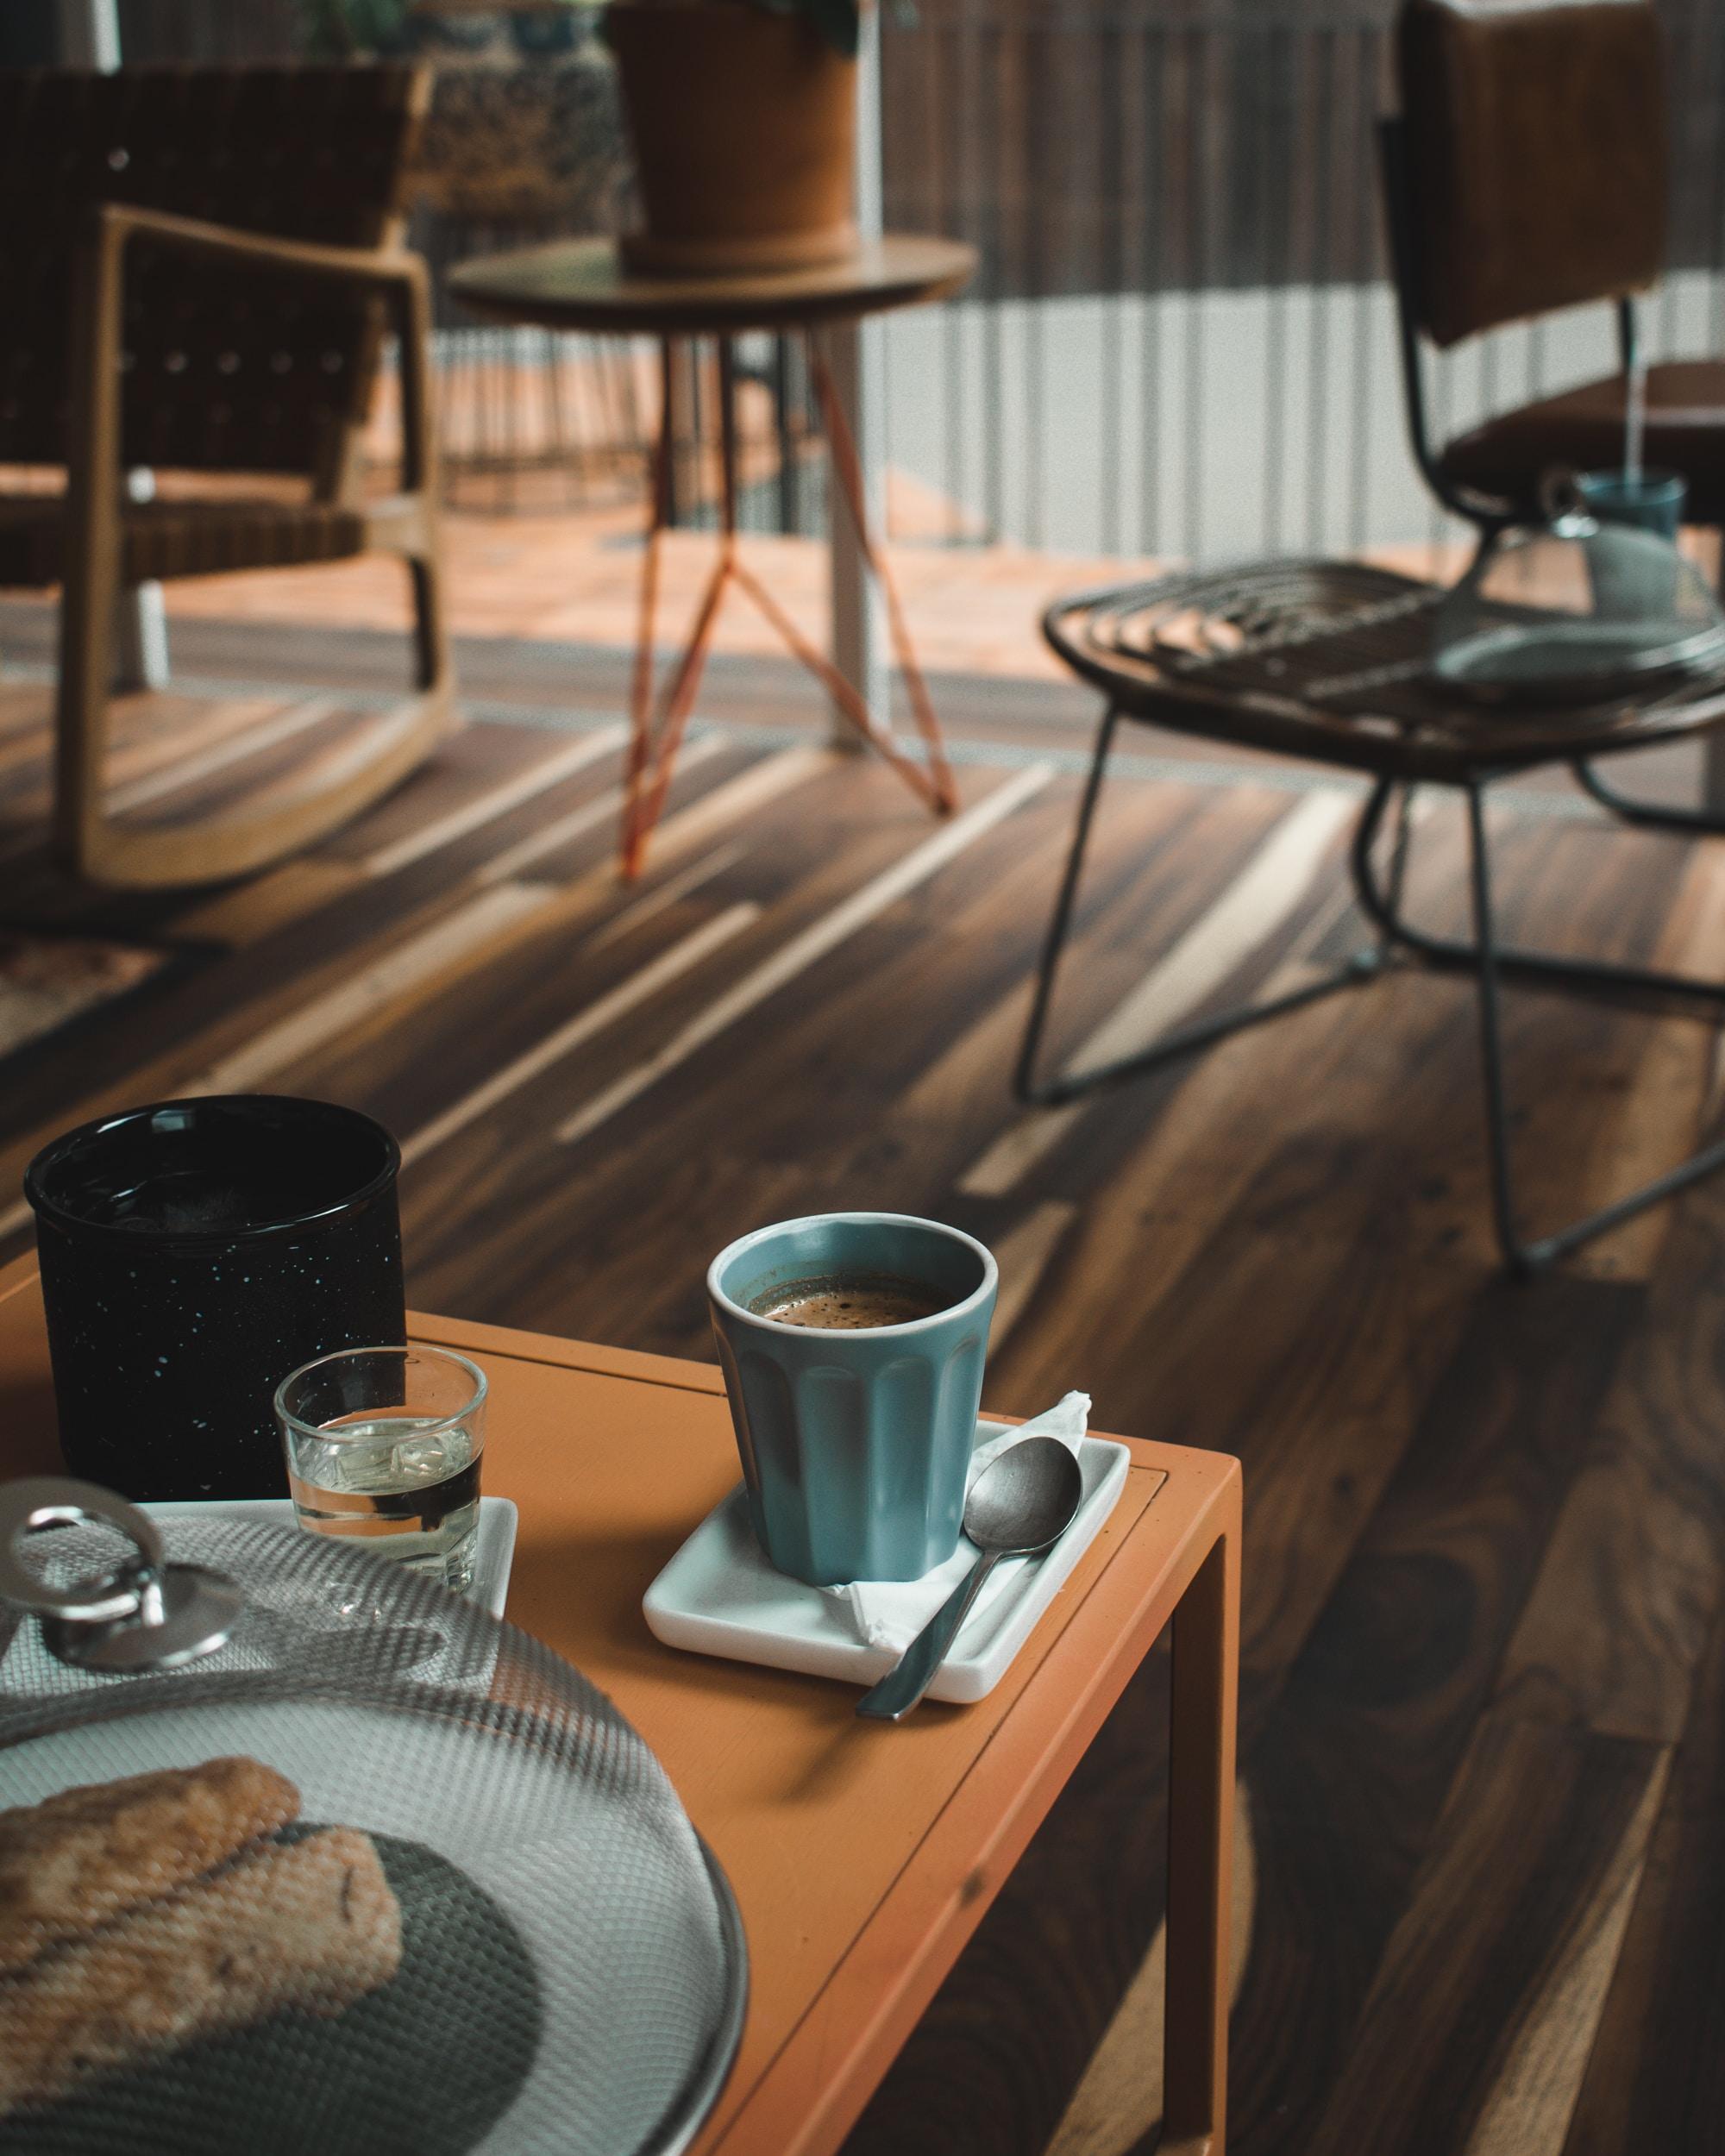 blue ceramic mug on table